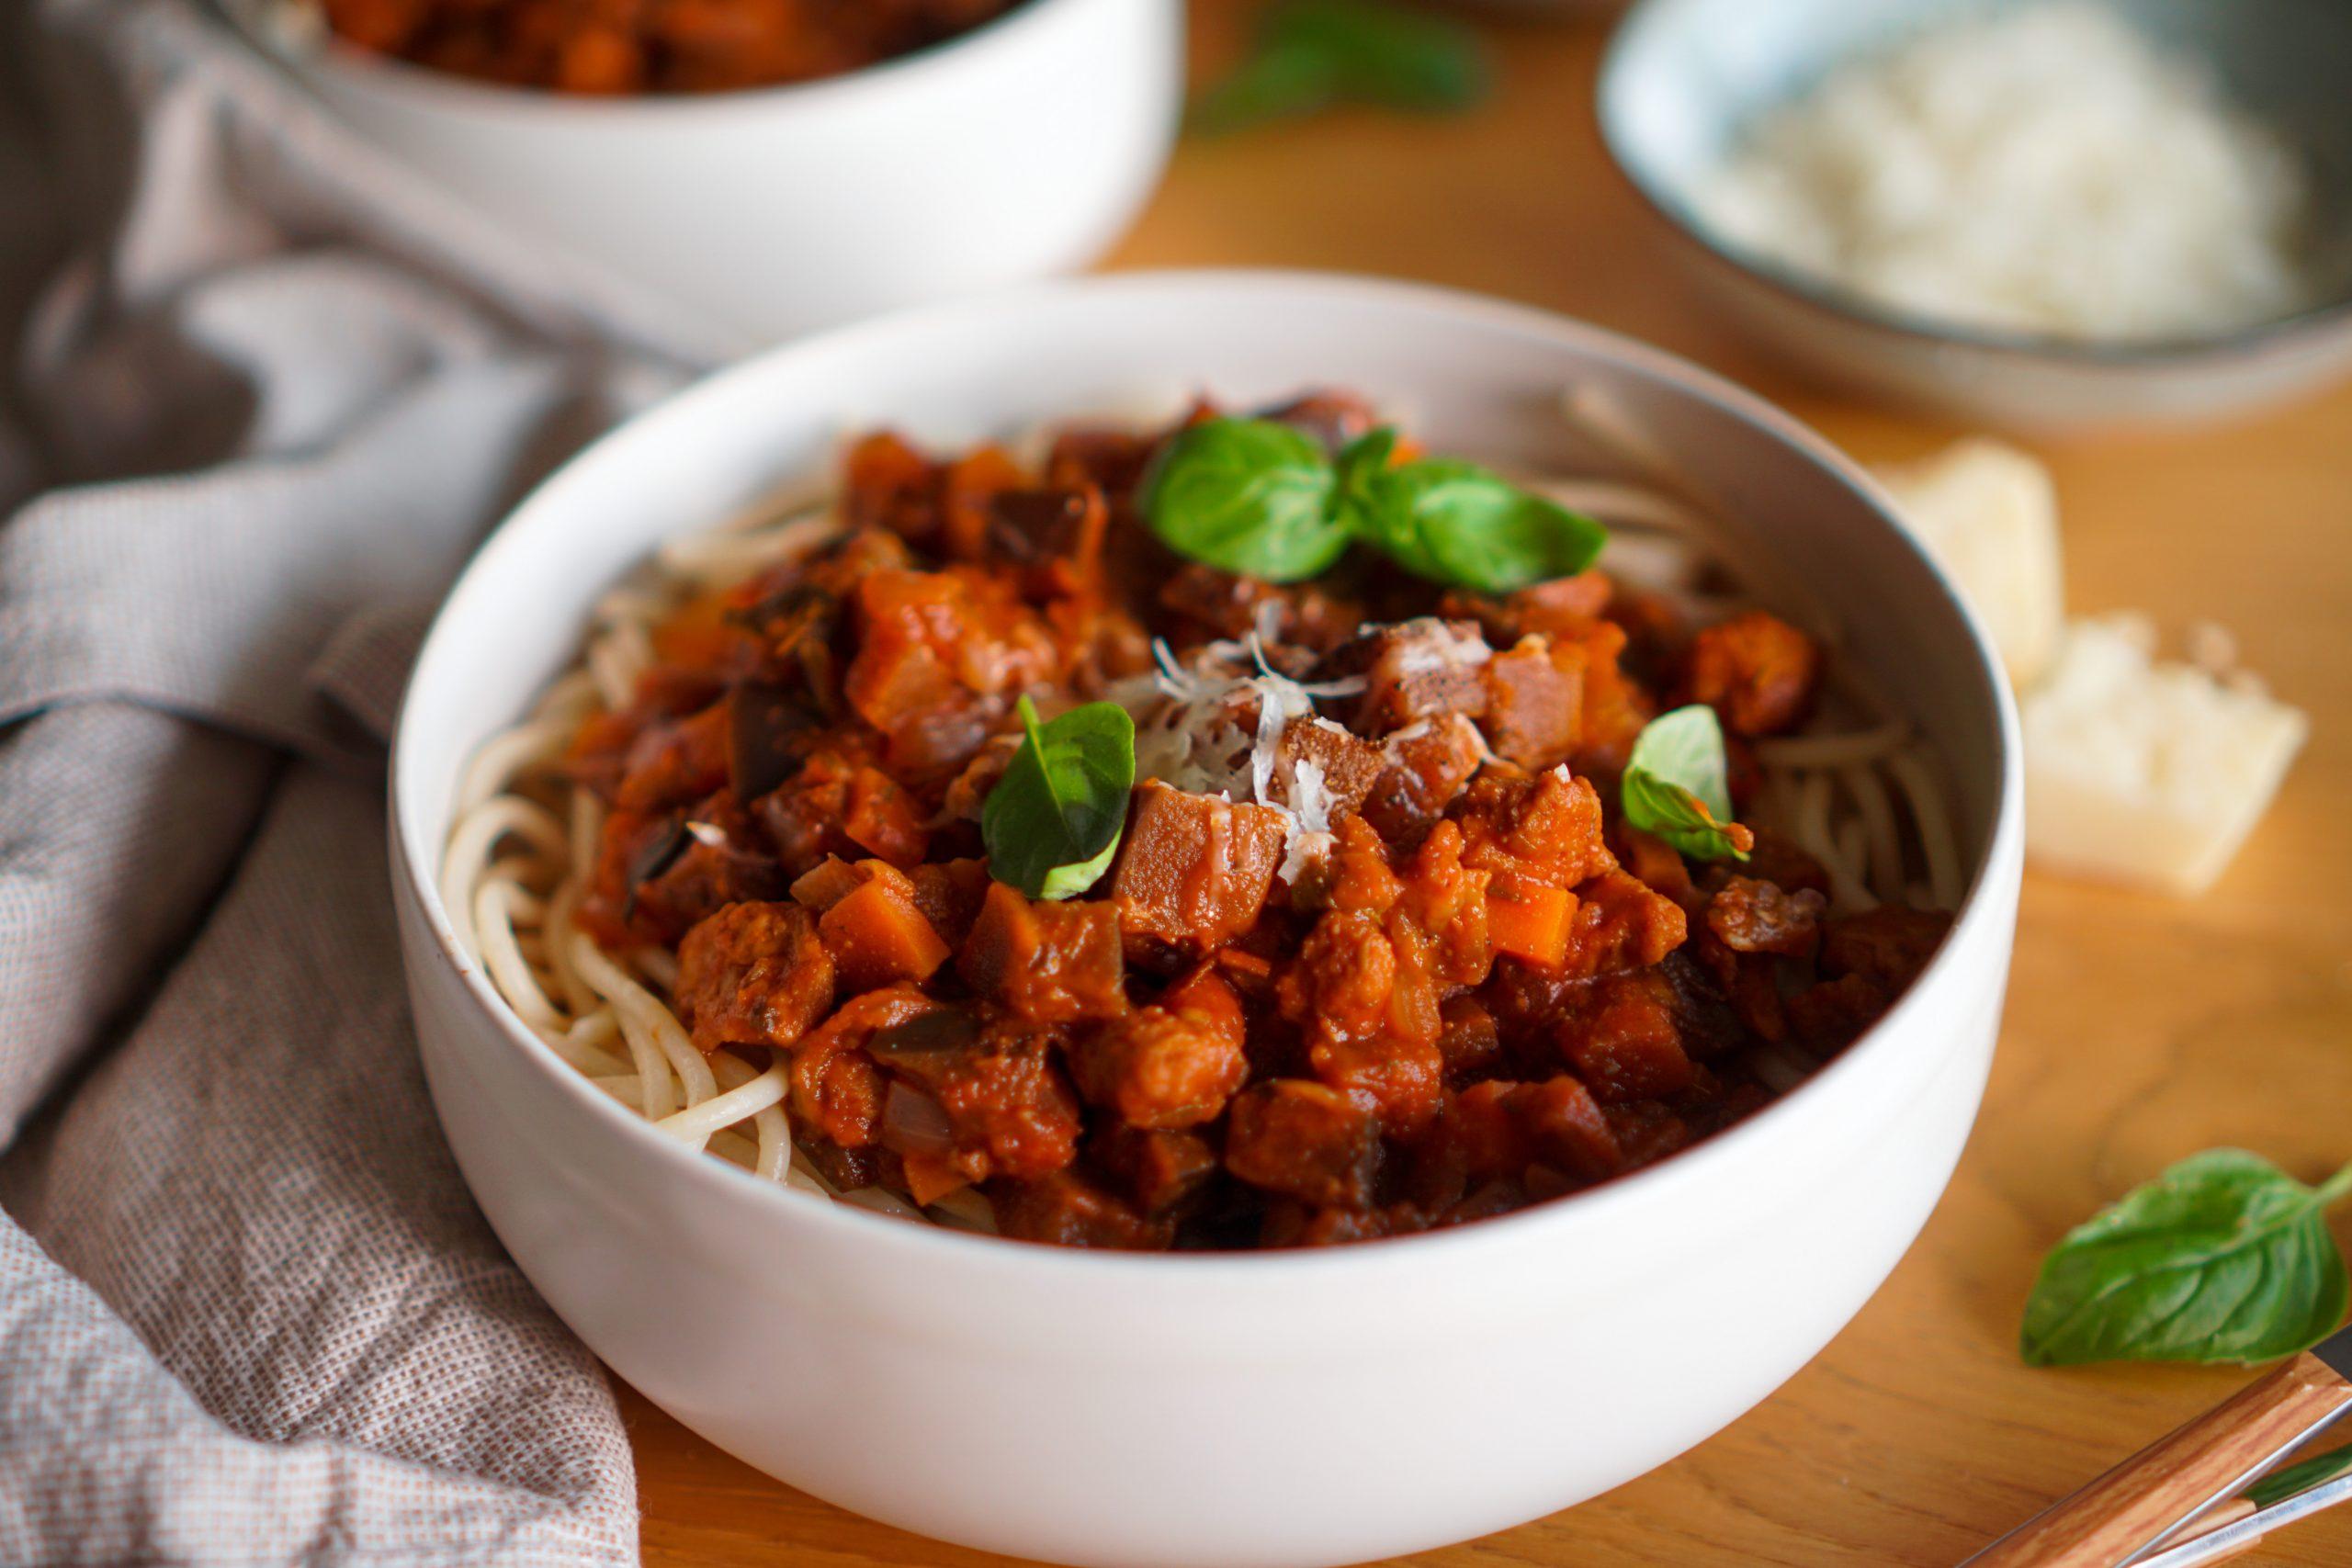 Spaghetti bolognaise vegan recette healthy saine facile et rapide